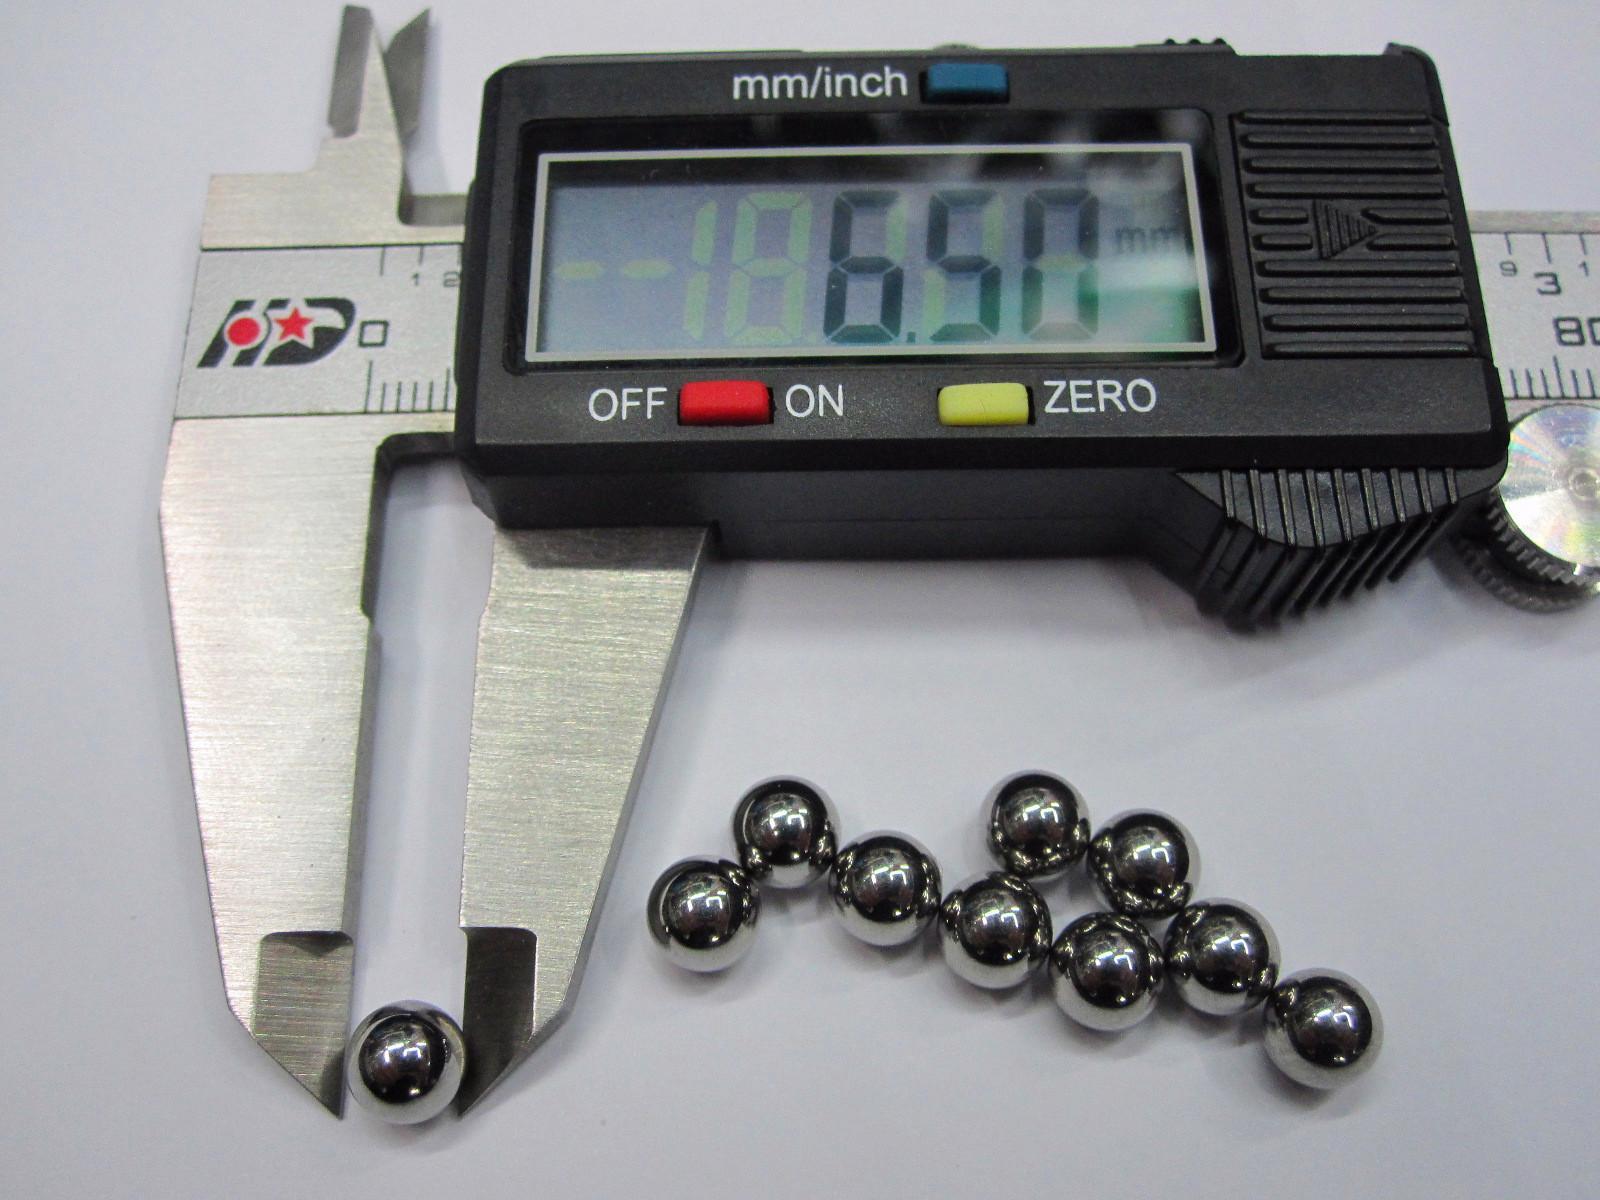 Diámetro de la bola de acero de la bola del cojinete de bolas de acero cromado de 6,5 mm 6.5 mm / set Precisión: G10-Grade